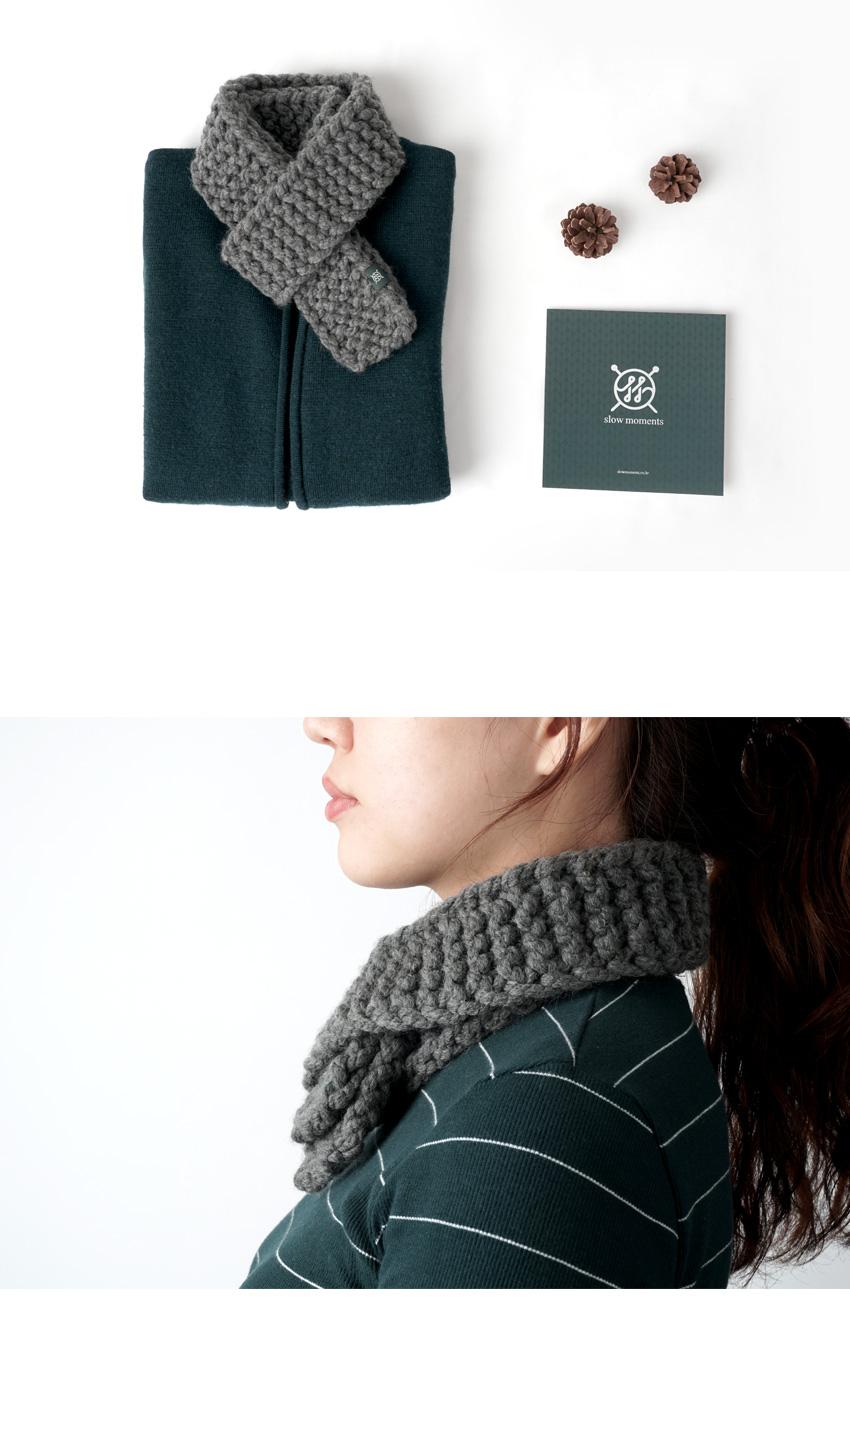 브리짓 머플러 - 대바늘 키트 - 슬로우모먼츠, 15,600원, 뜨개질, 소품 패키지